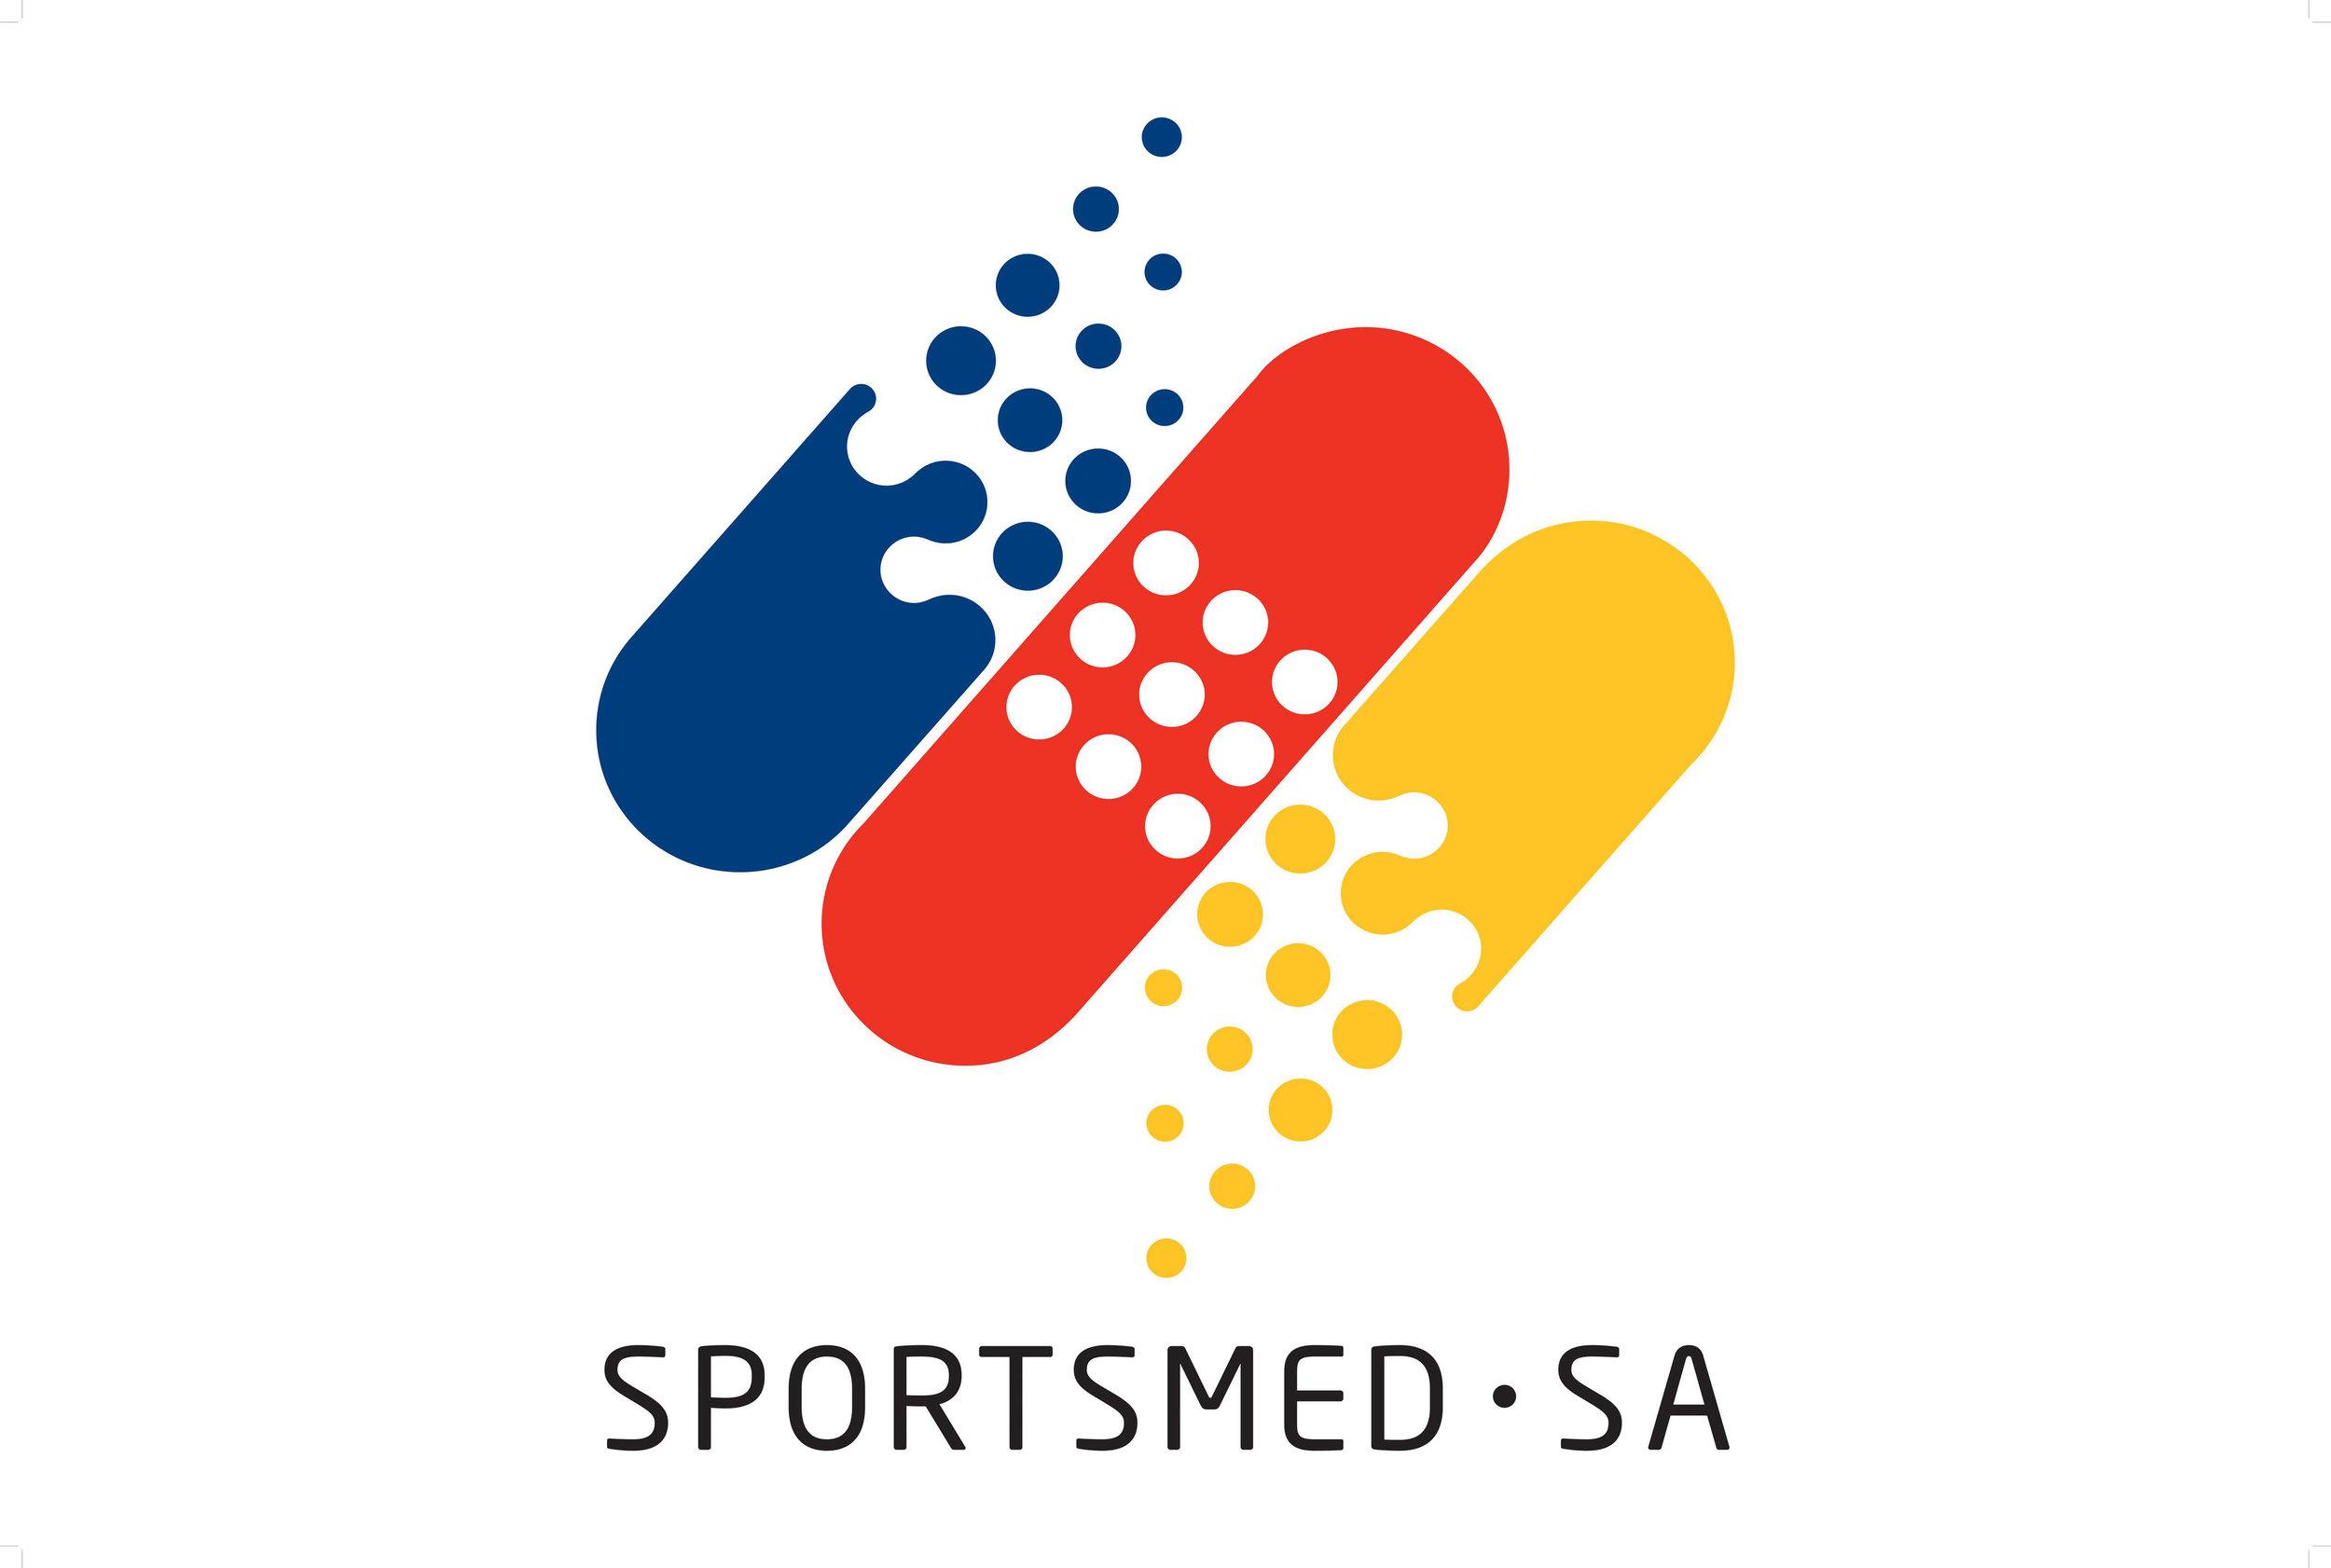 Sportsmeds SA.jpg